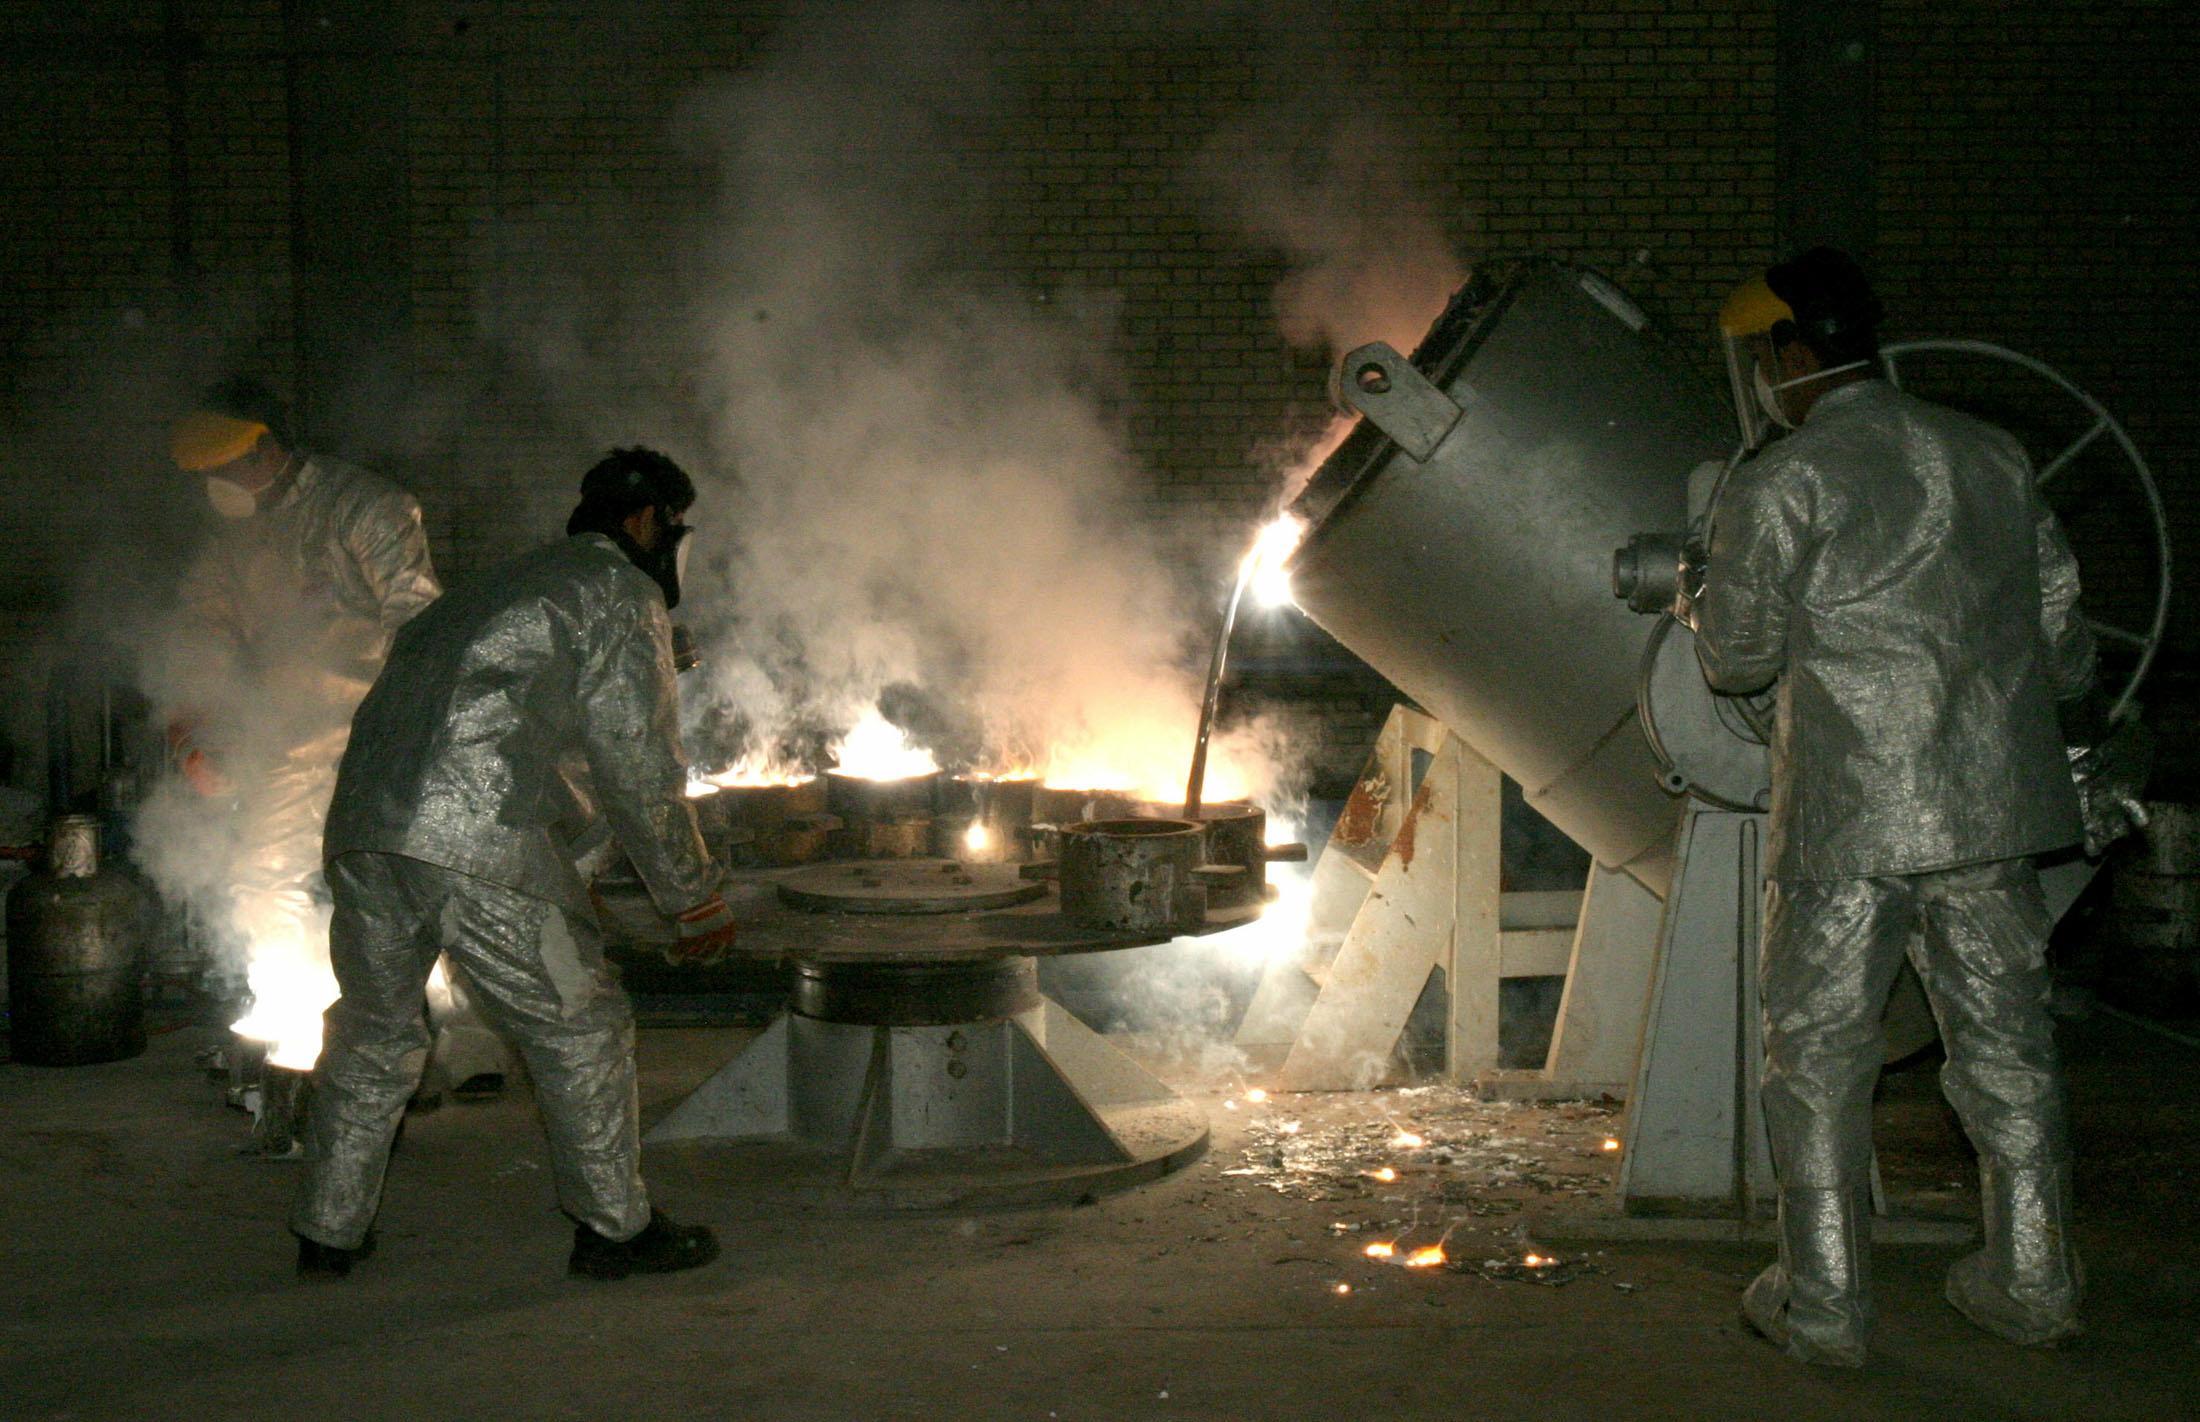 Iran uranium plant